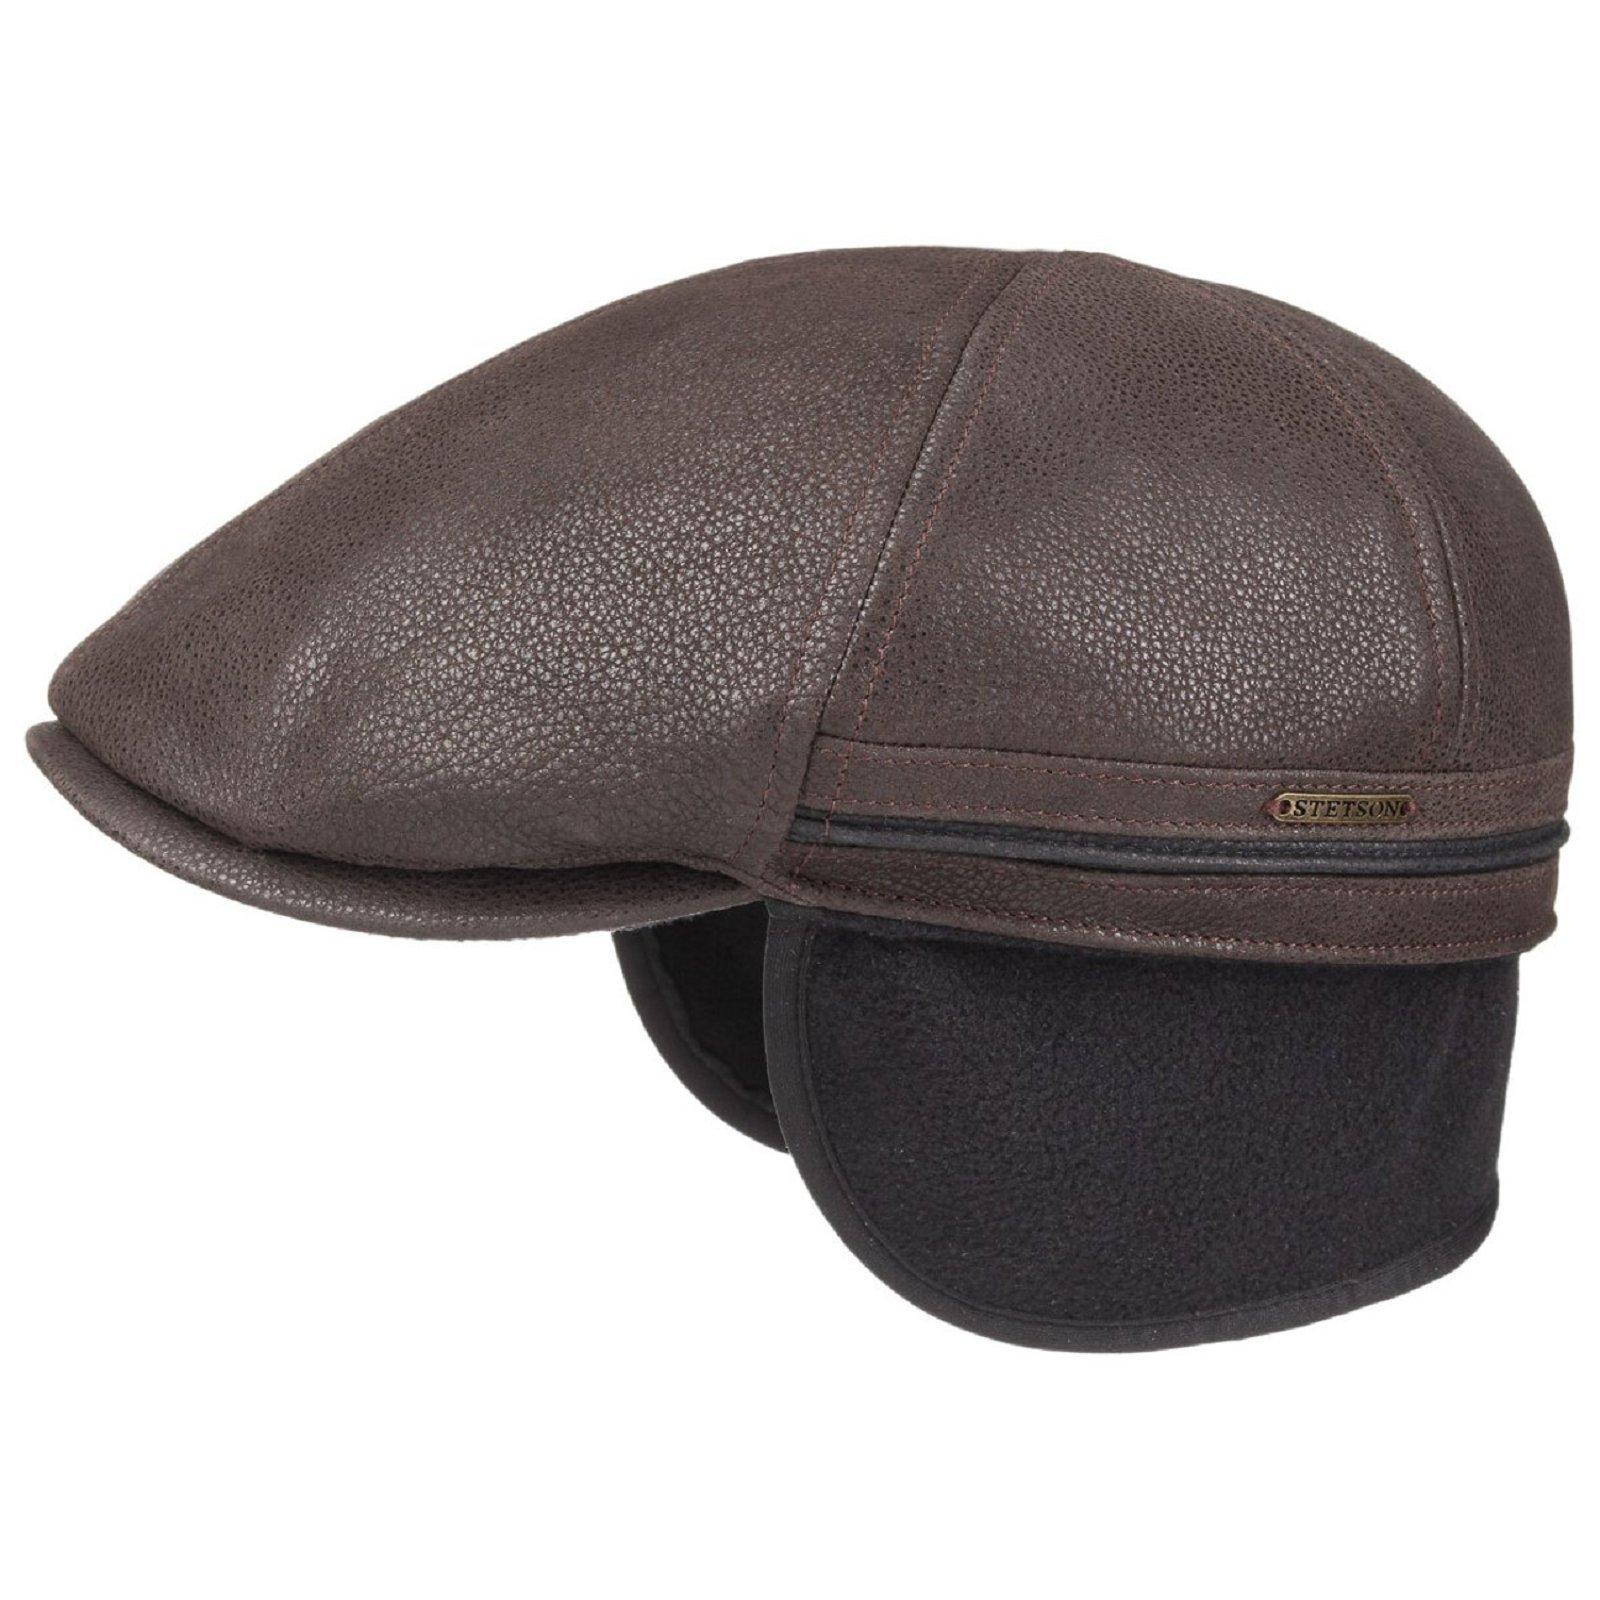 factory attrayant et durable belle couleur STETSON Casquette en cuir marron avec cache oreilles